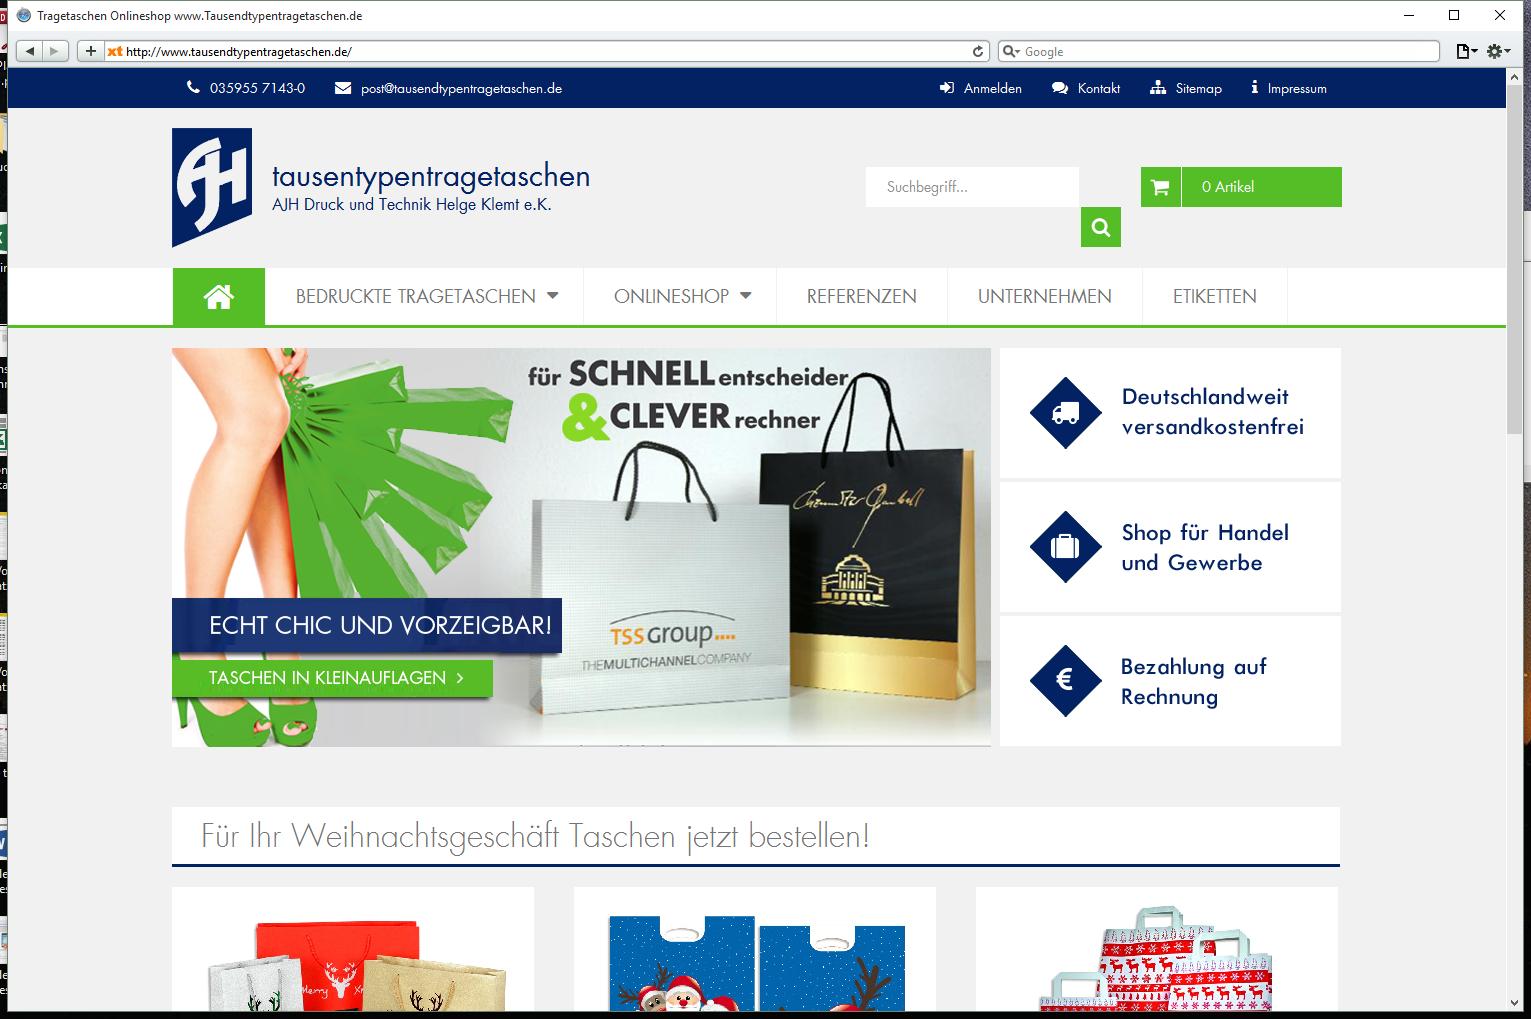 Internetagentur iTanum® aus Pirna - Kreativ und Kompetent